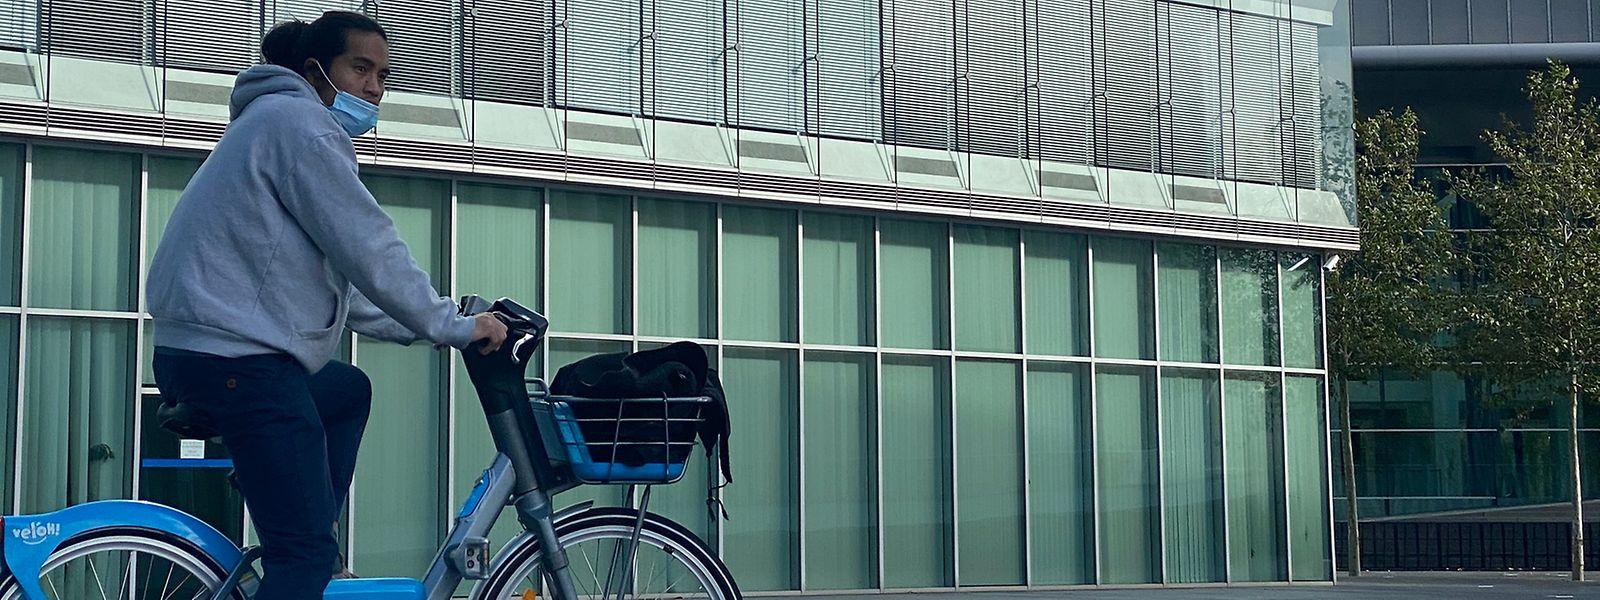 Seit Beginn der Pandemie haben immer mehr Menschen in Luxemburg die Freude am Radfahren entdeckt – und sie beanspruchen nun den öffentlichen Raum für sich.